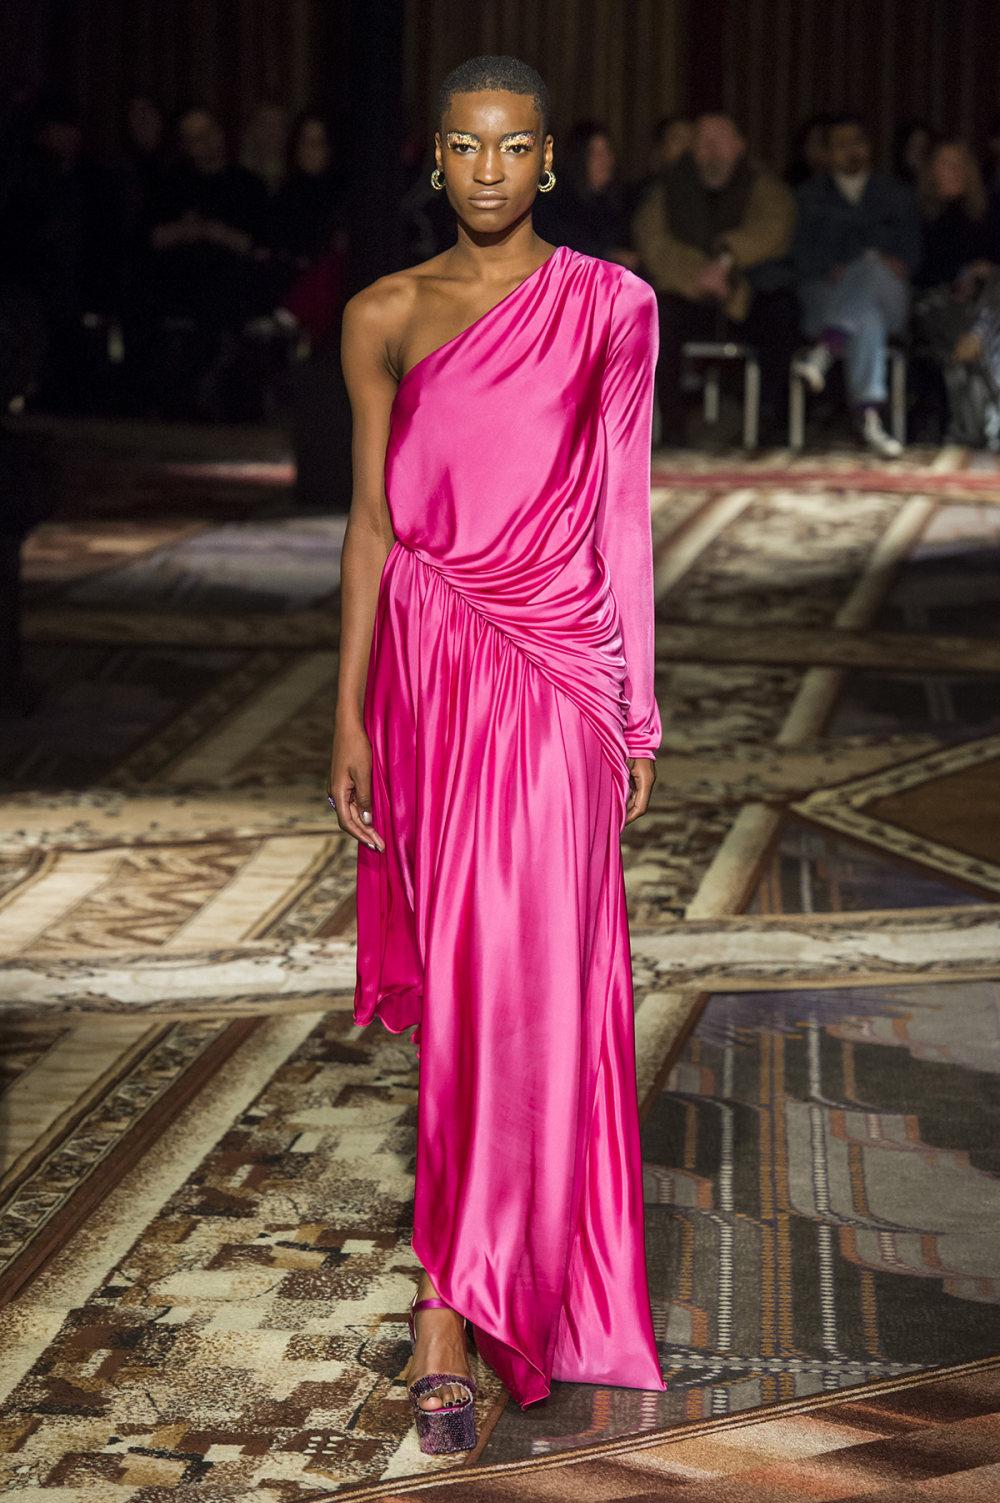 Halpern时装系列将幻想印花应用于宽大的缎面外套展示垂褶技巧-25.jpg